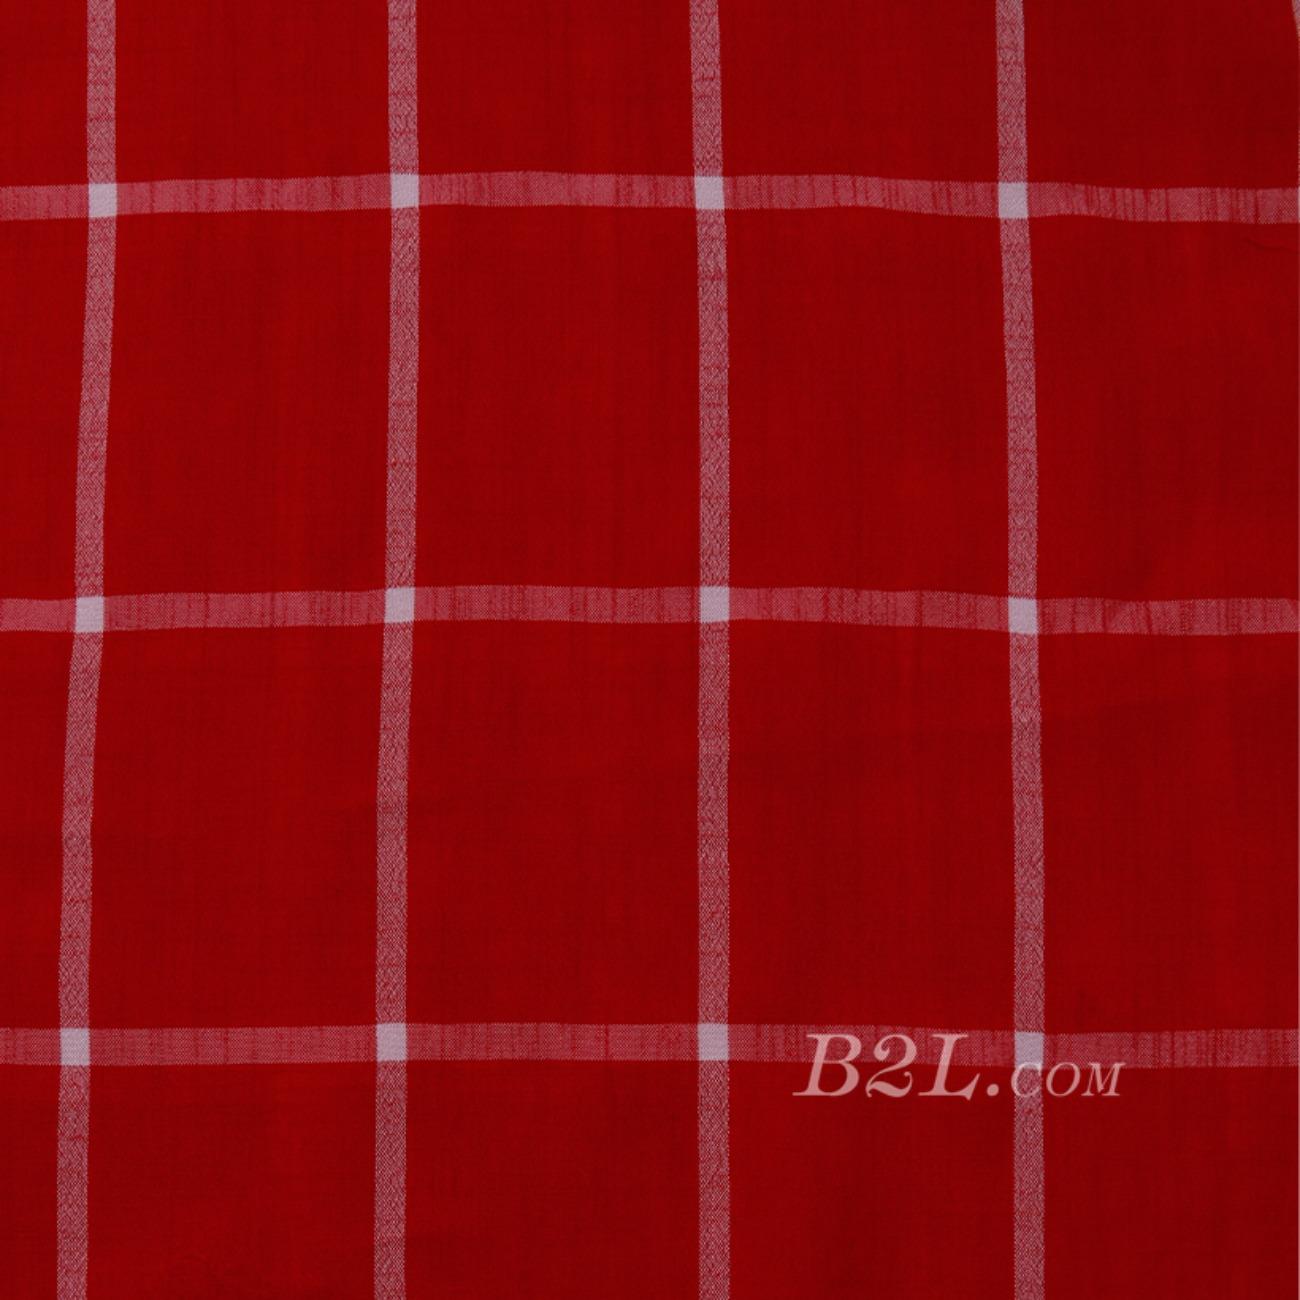 梭织 无弹 色织 雪纺 薄 柔软 连衣裙 衬衫 70305-21